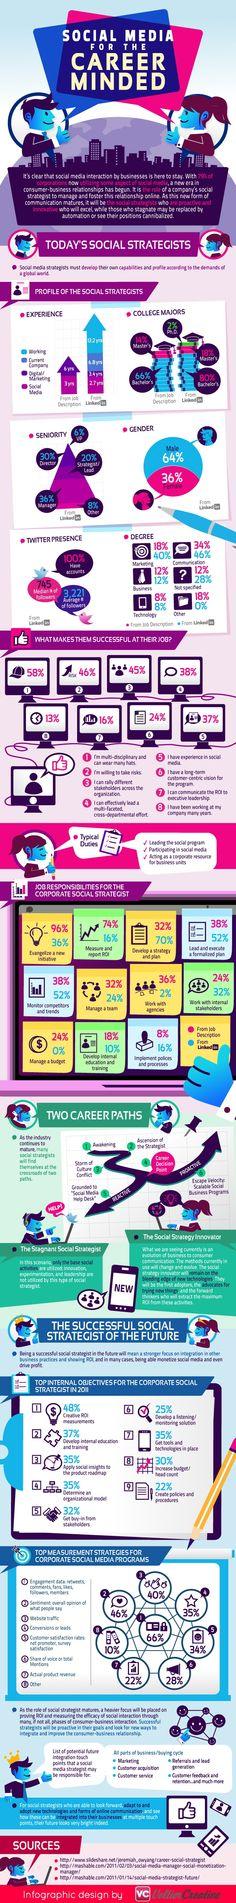 Sosyal Medya Stratejisti Olmak İçin Ne Gerekir? - #sosyalmedya #sosyalmedyapazarlama #socialmedia #socialmediamarketing #business #dijitalmarketing #twitter #facebook £linkedin #kariyer #infografik #infographic